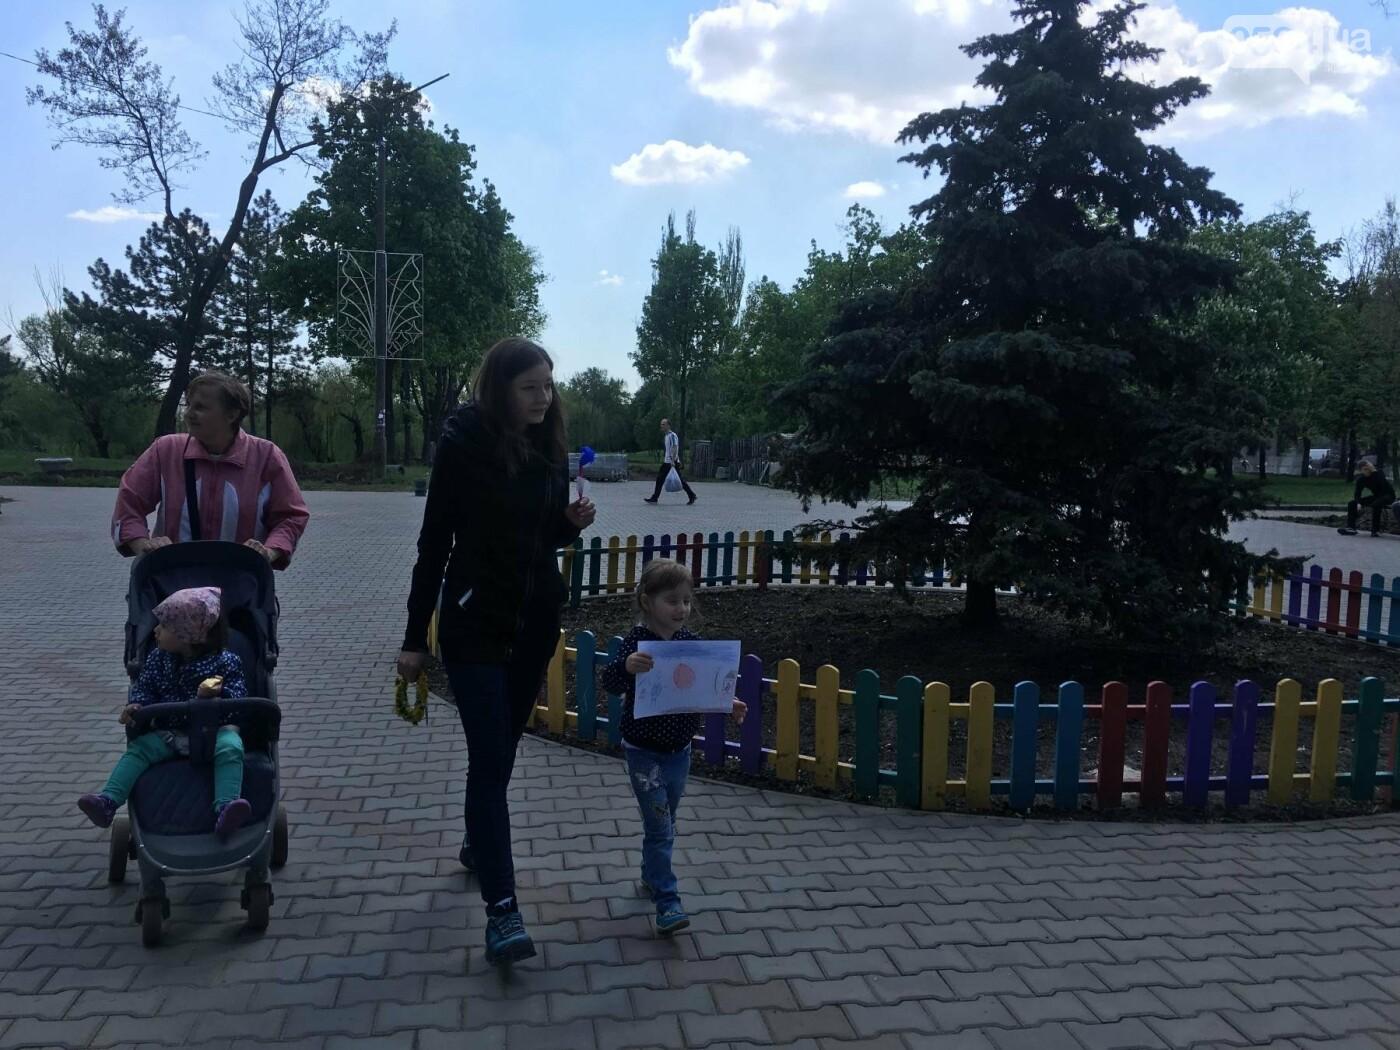 """""""В Европу без мусора!"""": криворожане помогли подготовить парк к Еврофесту (ФОТО), фото-36"""